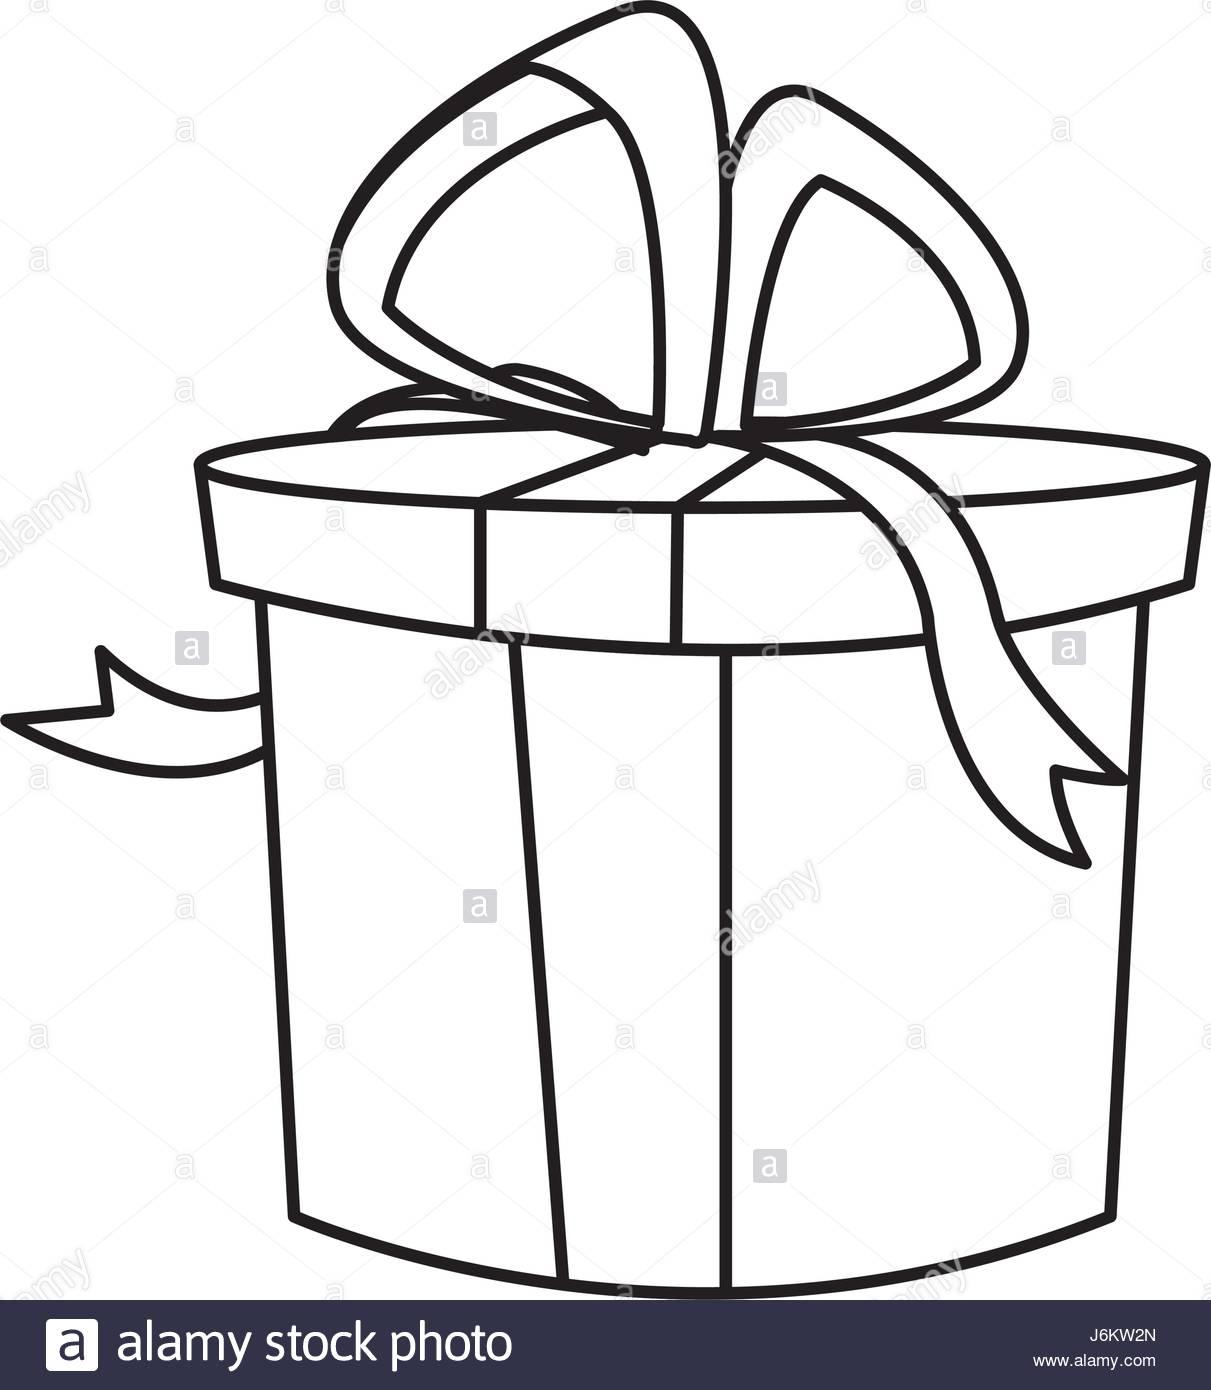 Christmas Gift Box Drawing At GetDrawings